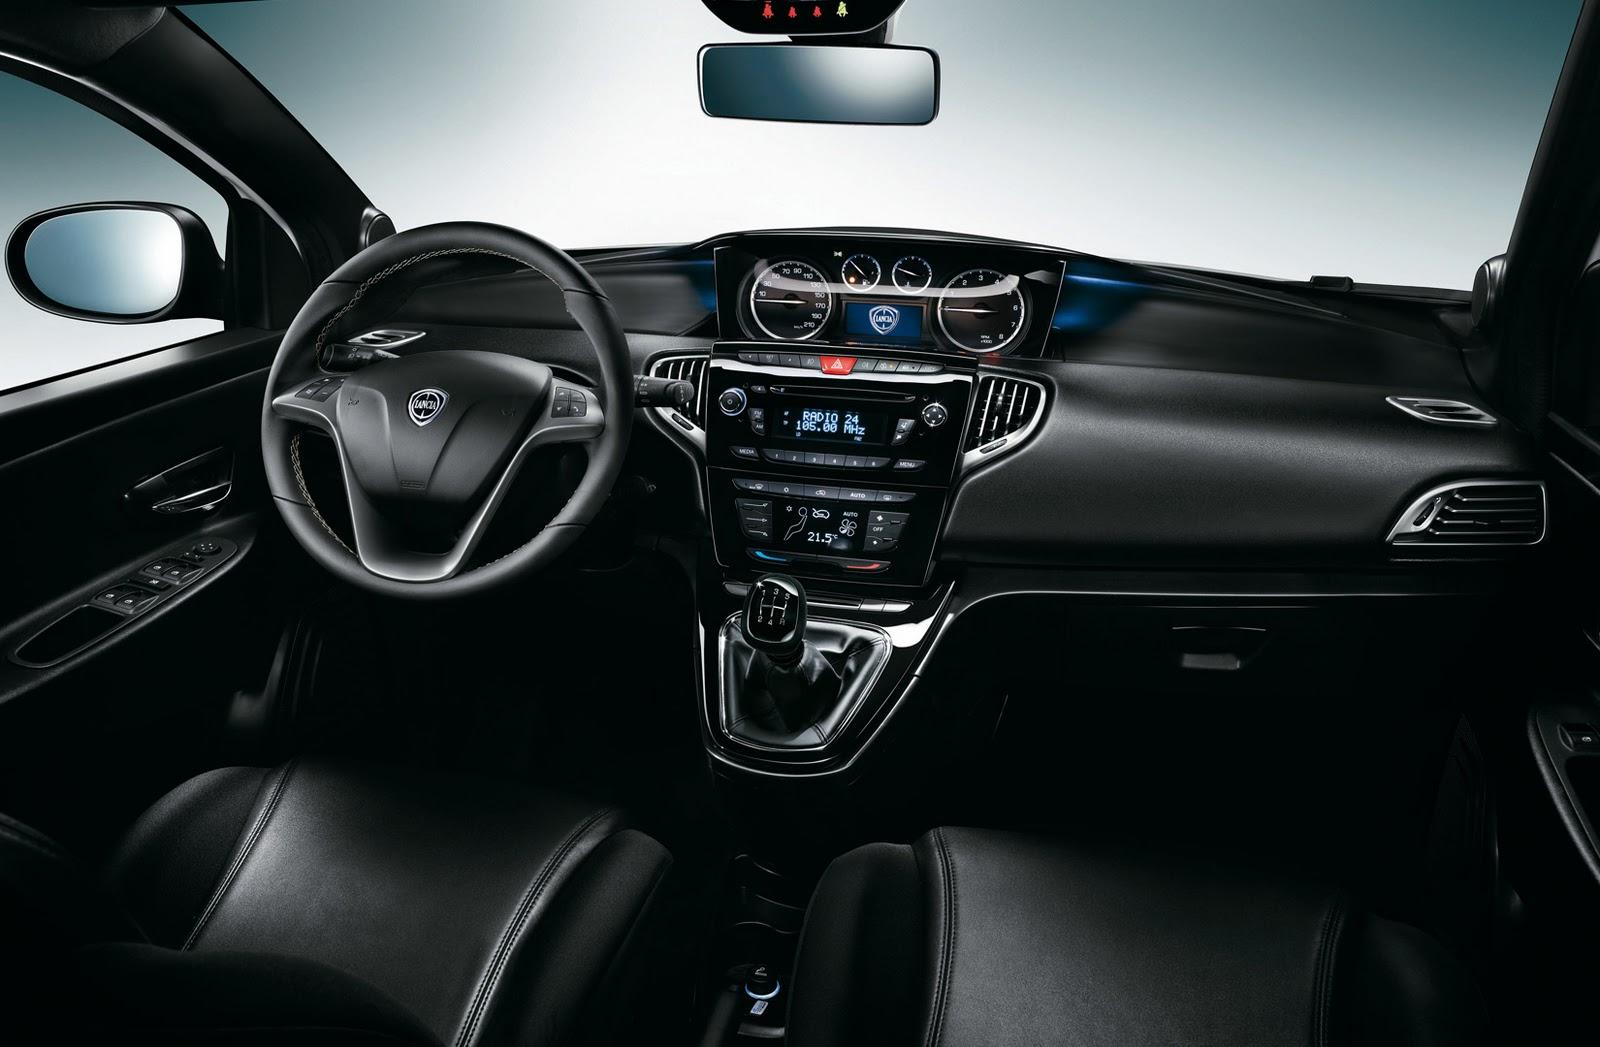 Lancia ypsilon 2011 video ufficiali e caratteristiche - Lancia y diva 2011 ...